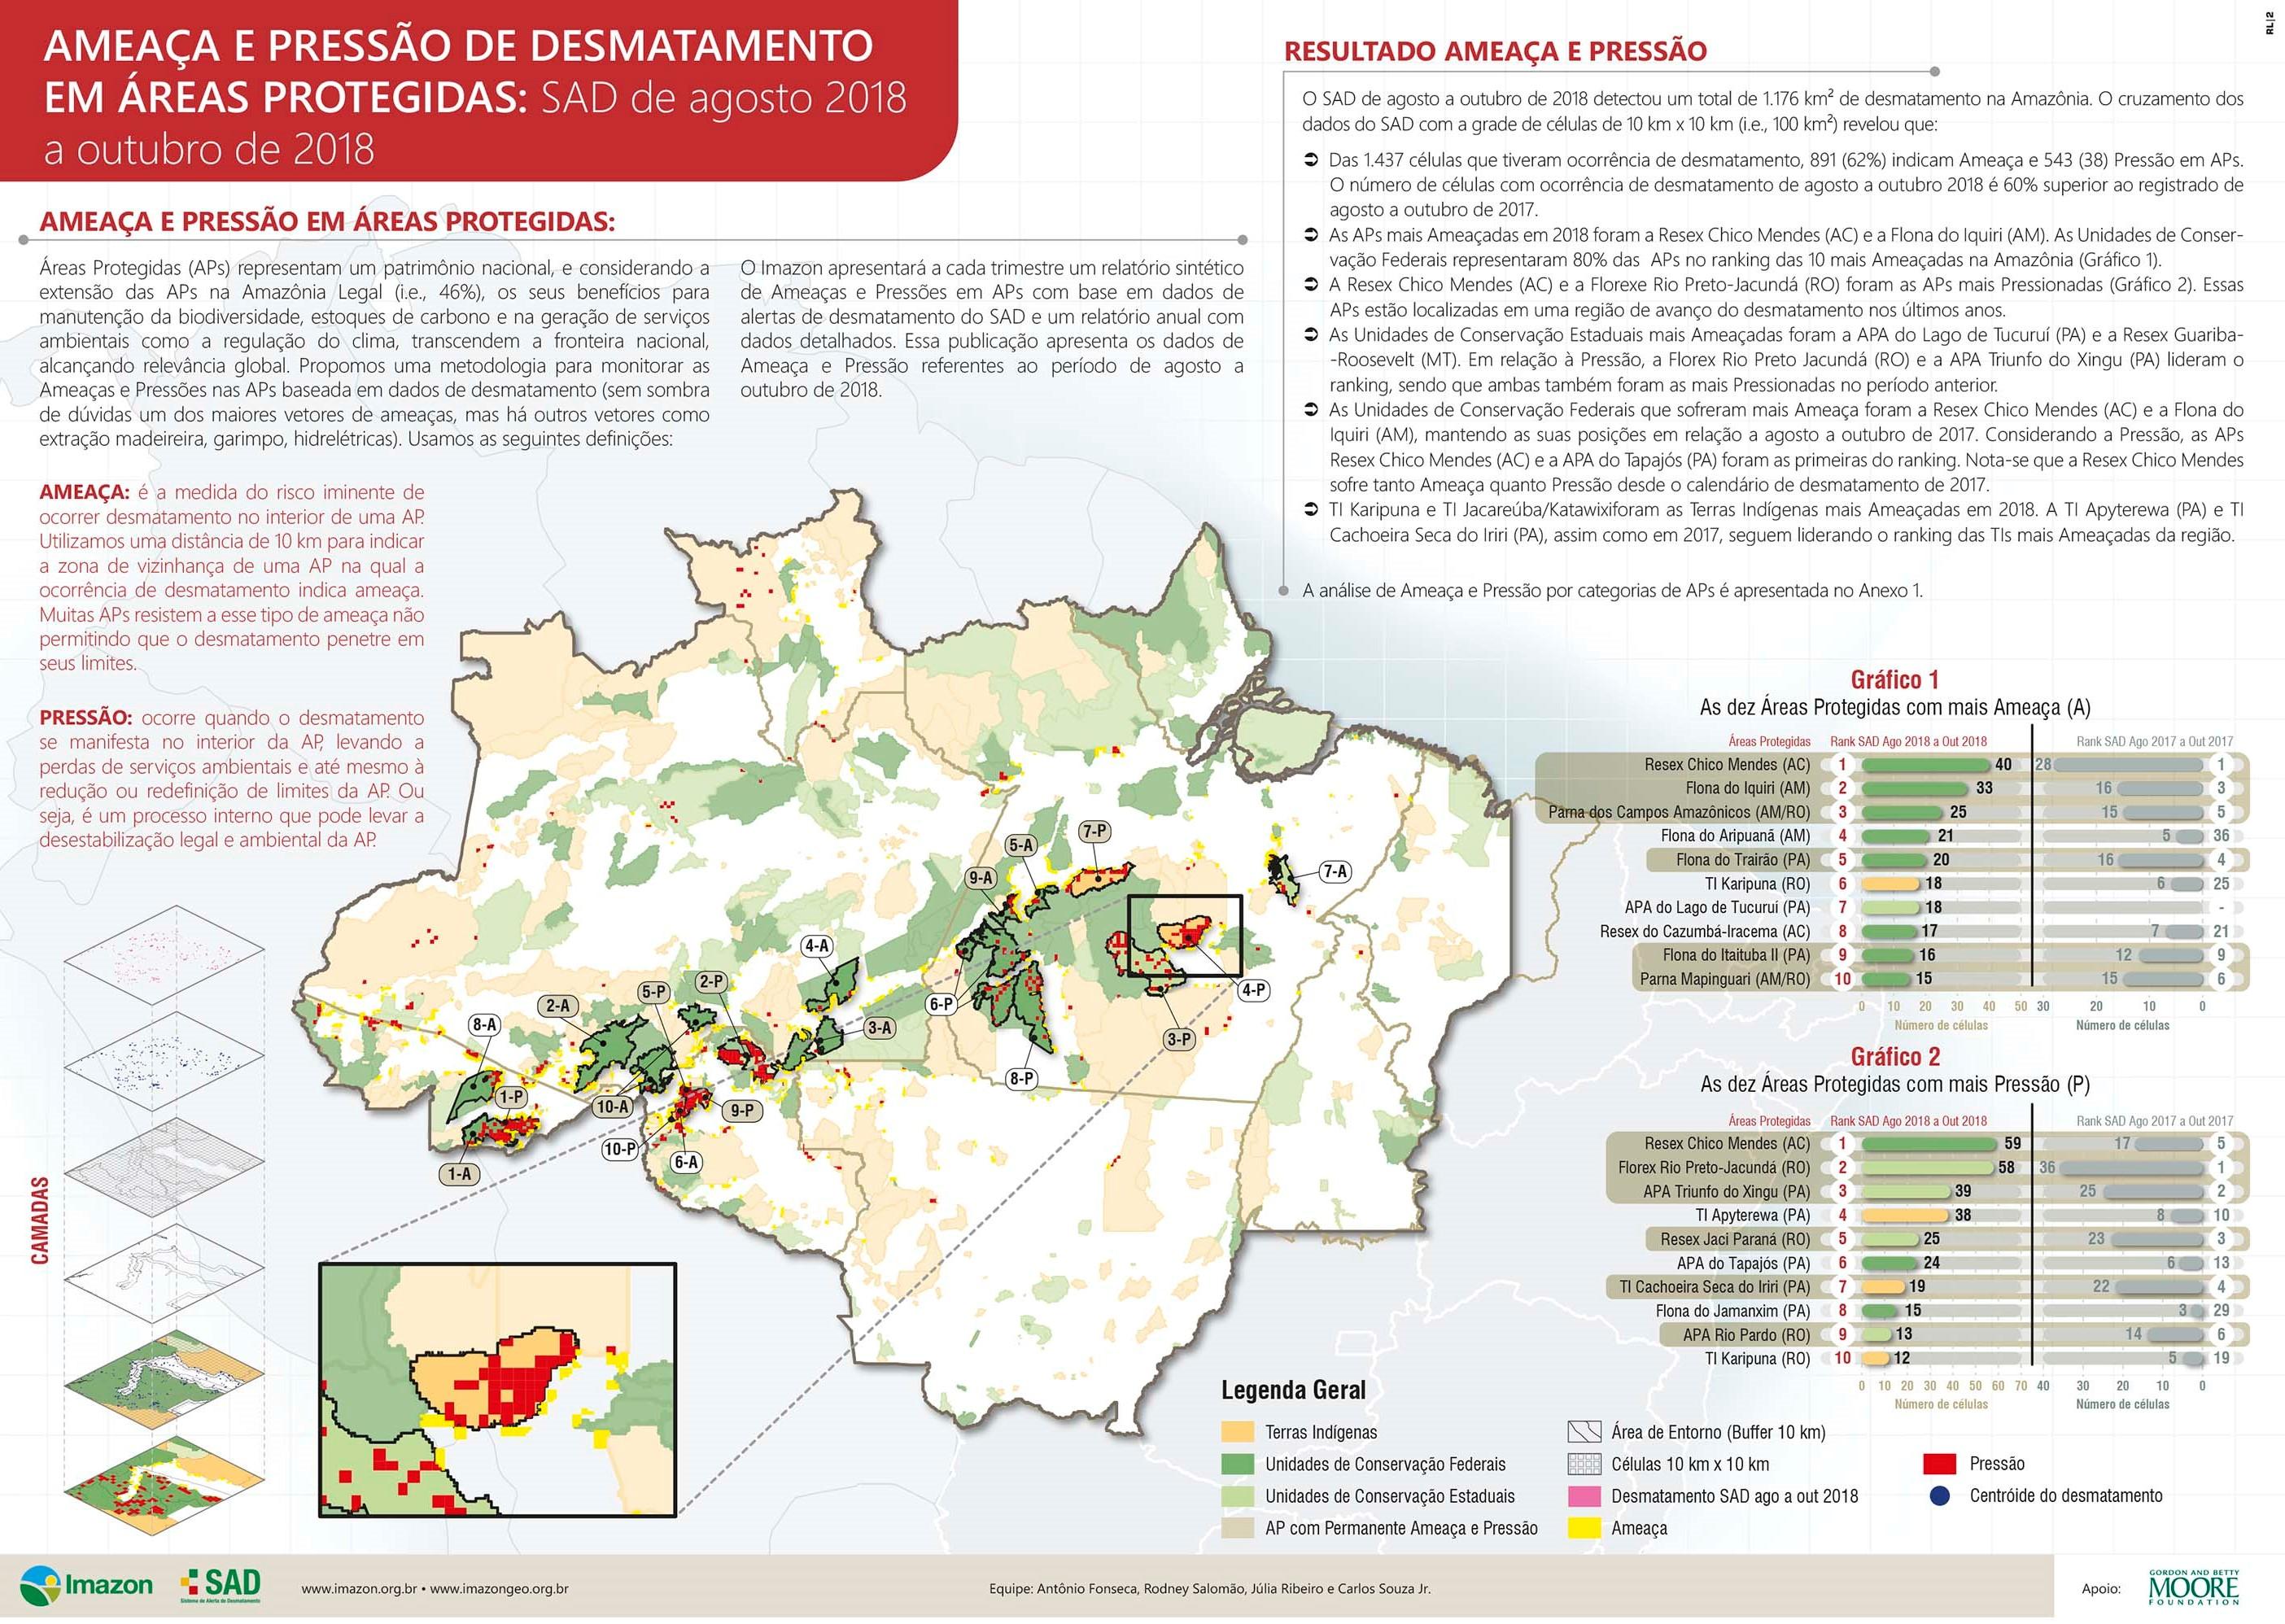 ameaçaepressão ago out 2018 2 2 - Ameaça e Pressão de desmatamento em Áreas Protegidas: SAD agosto a outubro de 2018